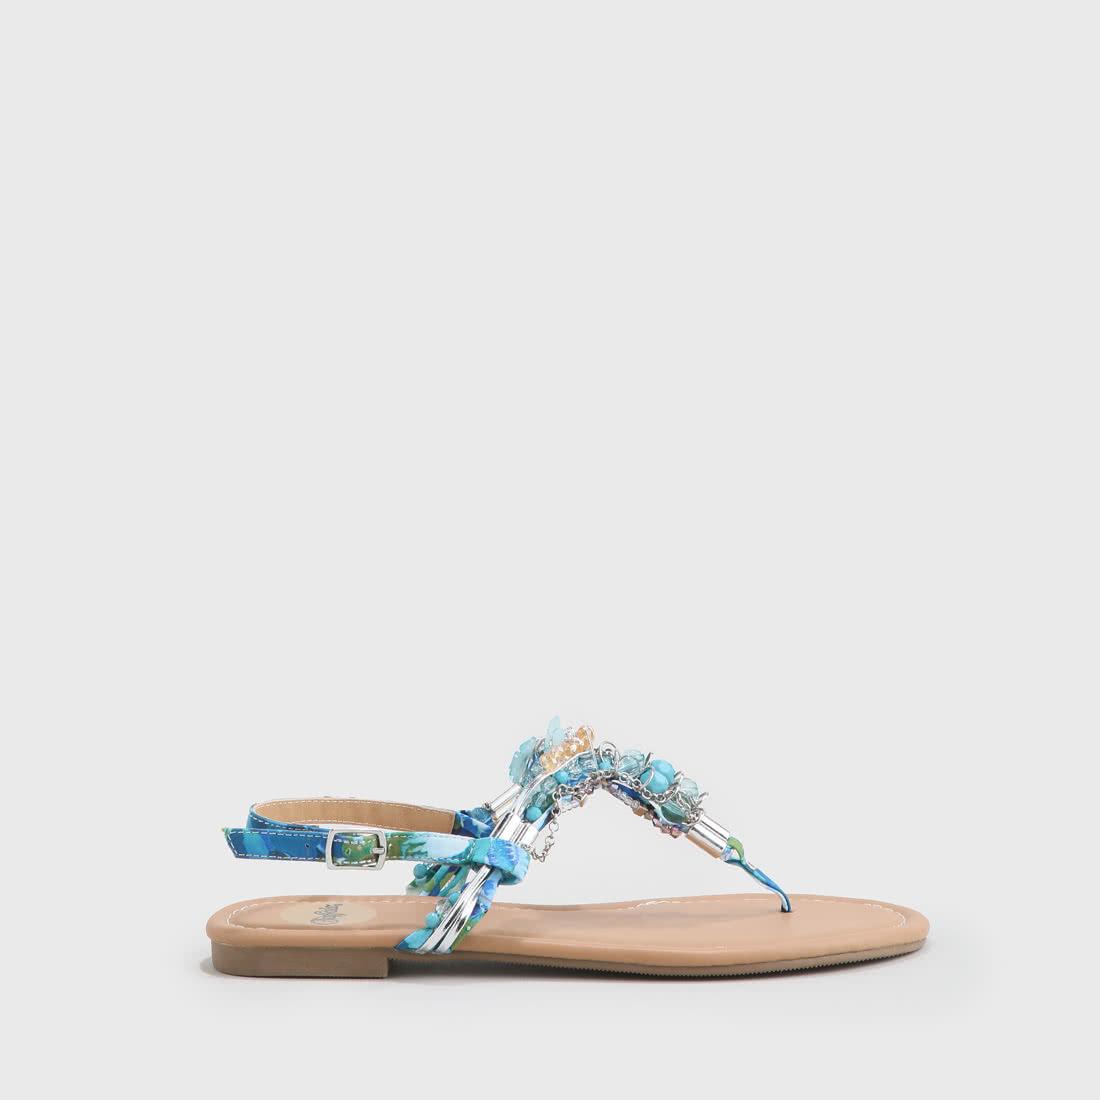 Sandale Kaufen Zehentrenner Perlen Online Mit Hellblau Buffalo xBerdCo